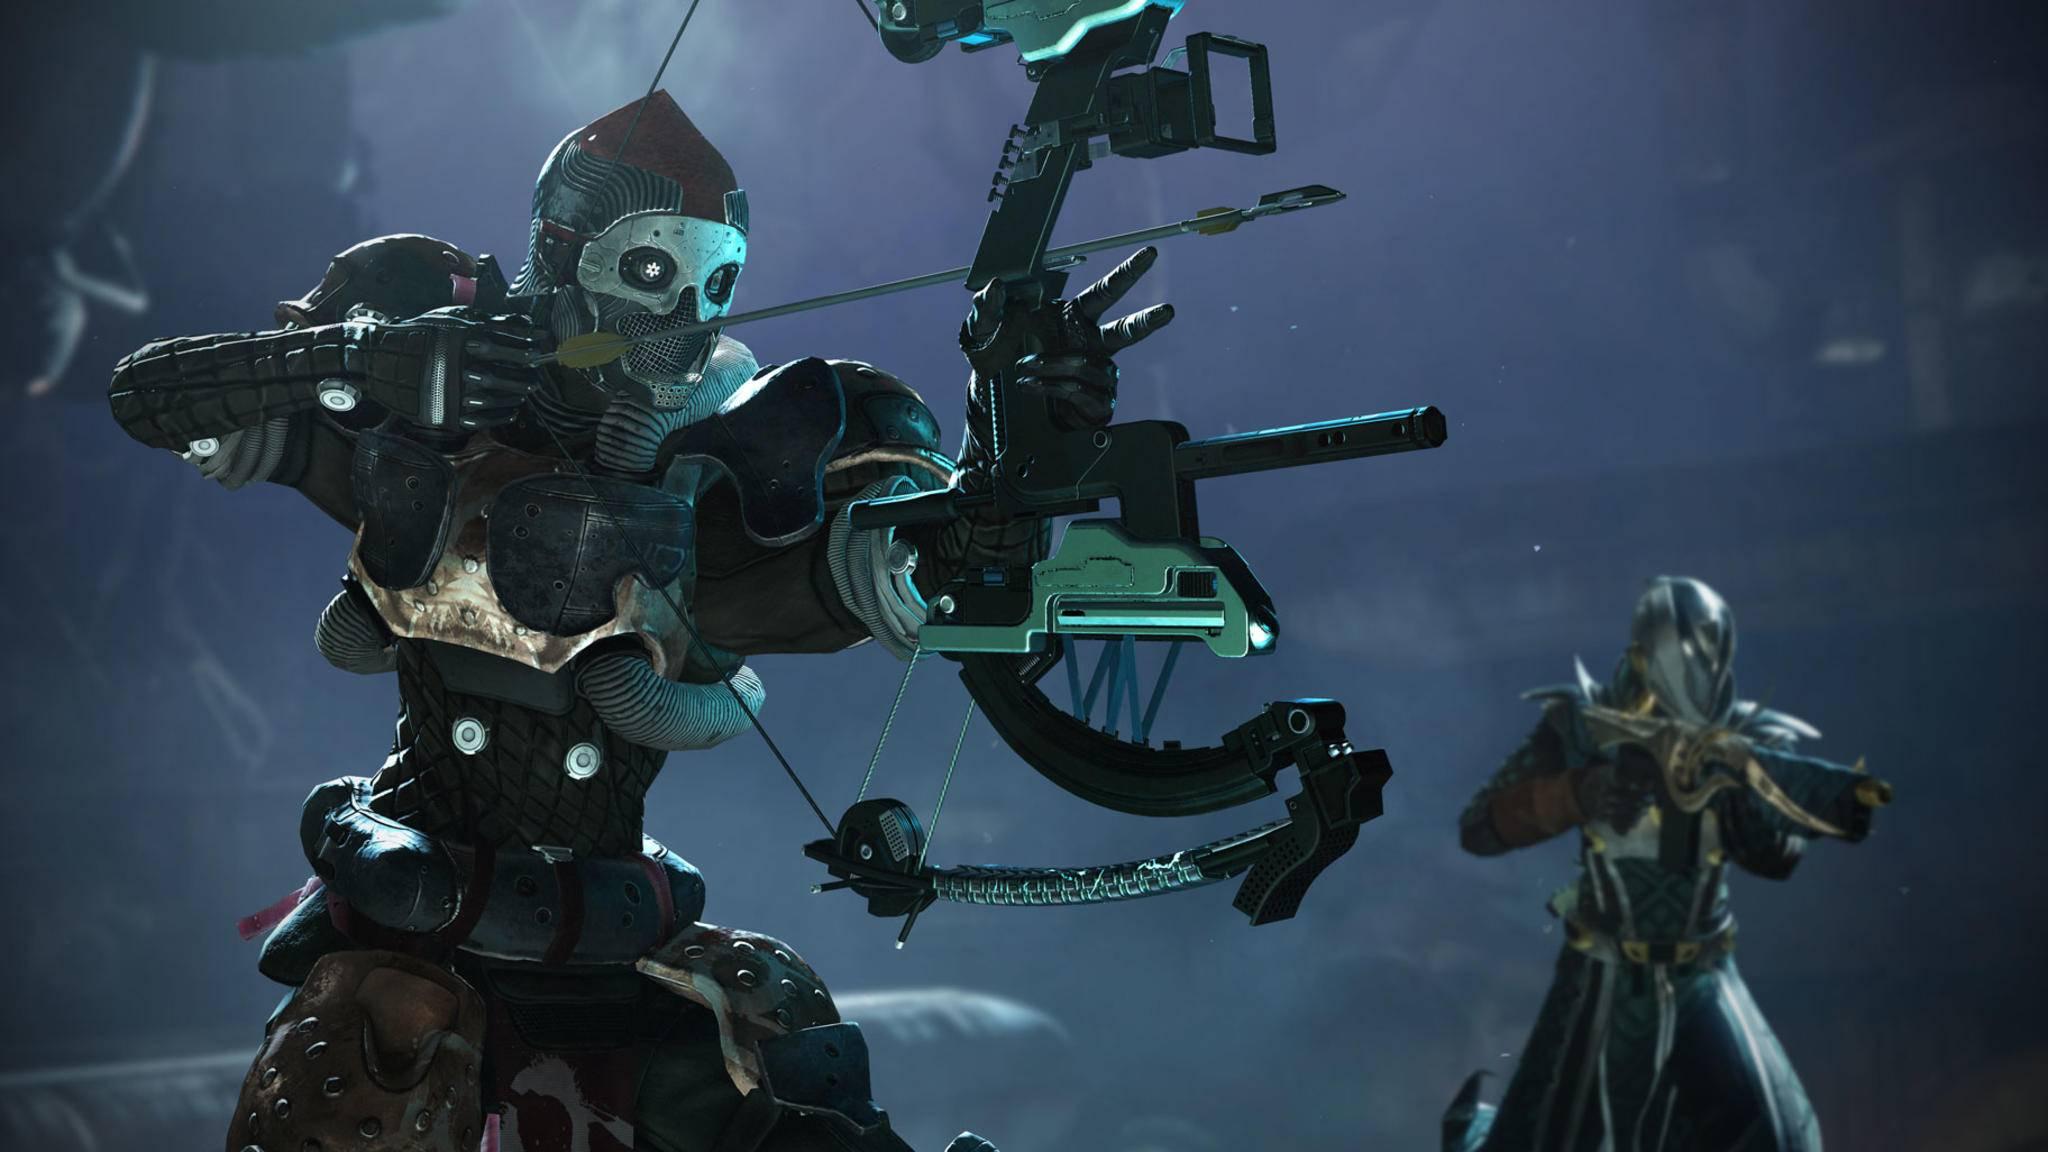 """PS4-Spieler erhalten exklusive """"Destiny 2""""-Inhalte. Konkurrenz-Produkte im Trailer will Sony deshalb nicht sehen."""